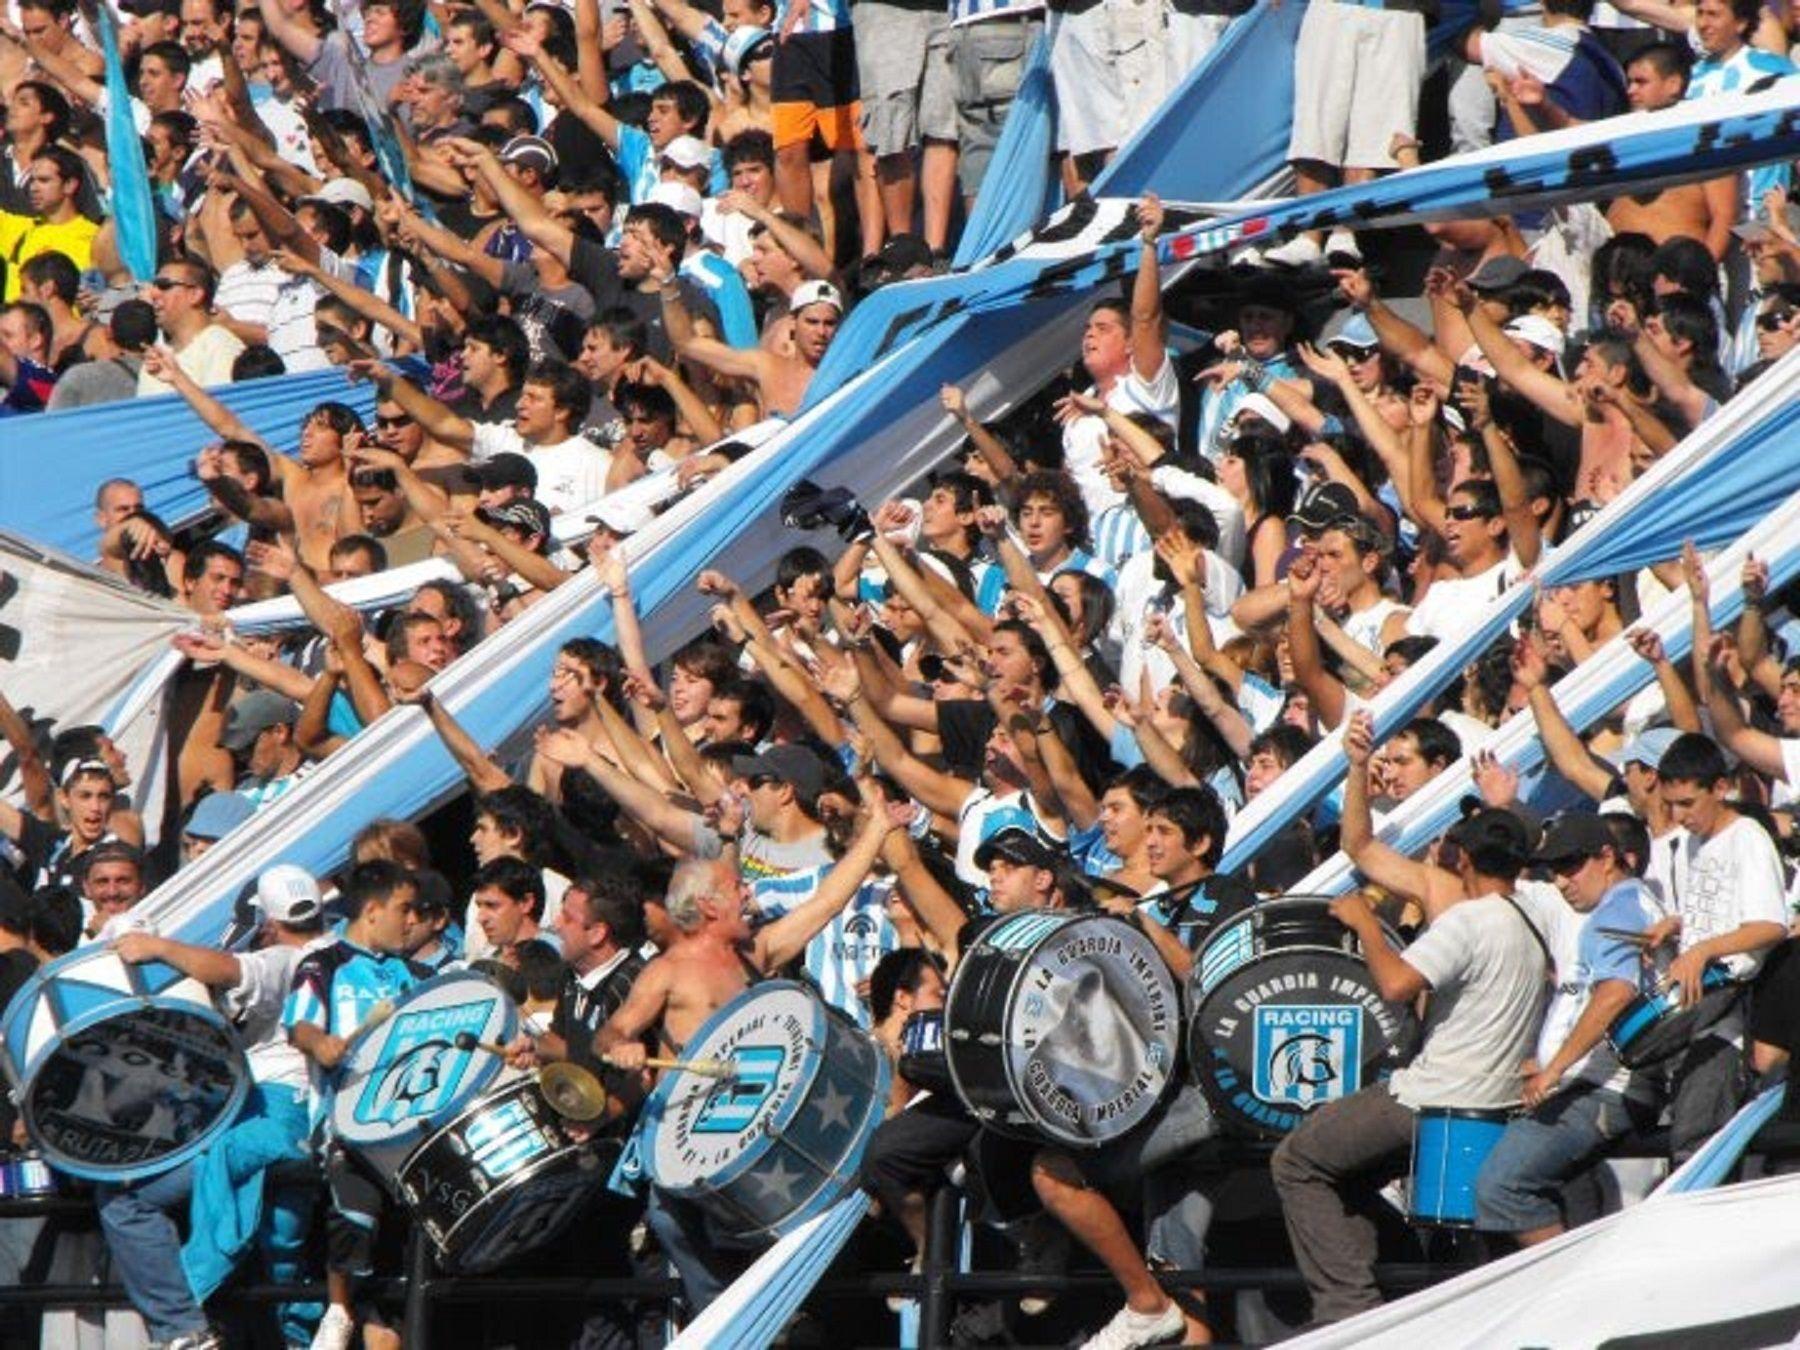 Barra de Racing.<br>